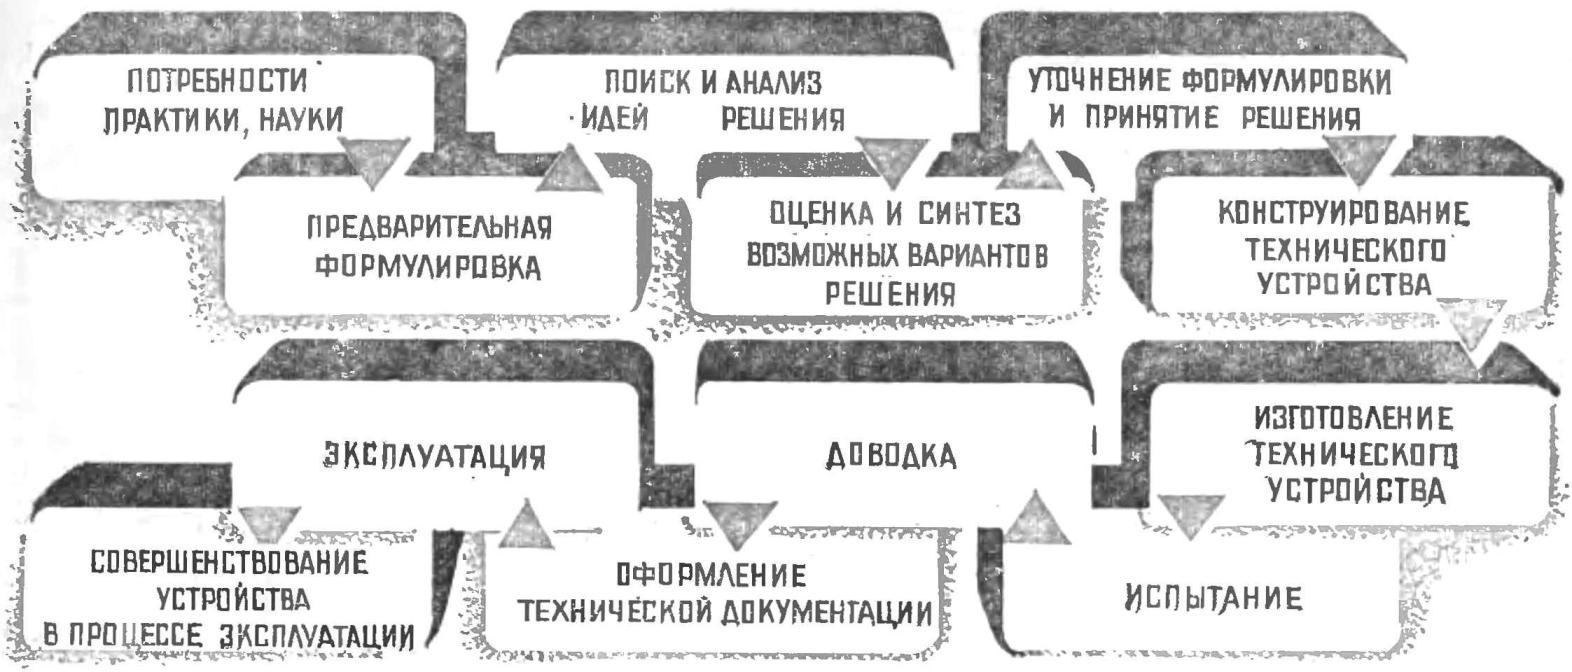 Схема 1. Основные этапы разработки и изготовления технического устройства.